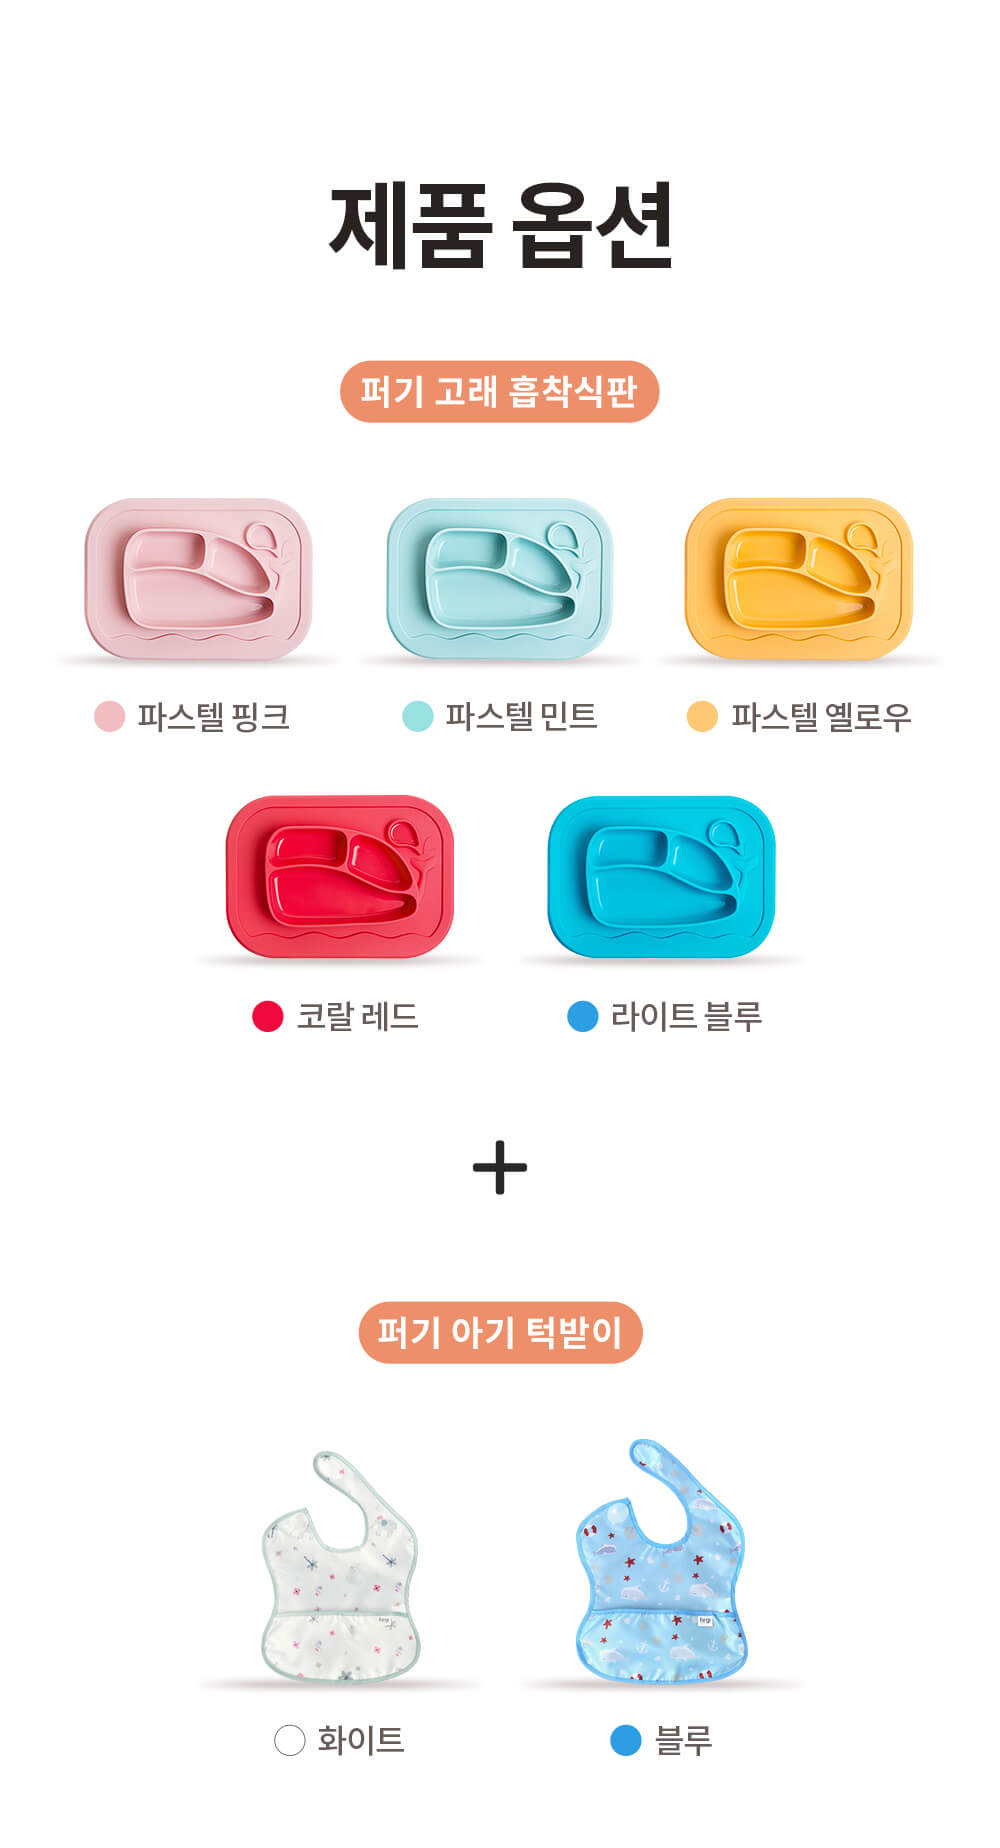 이유식패키지 상페20